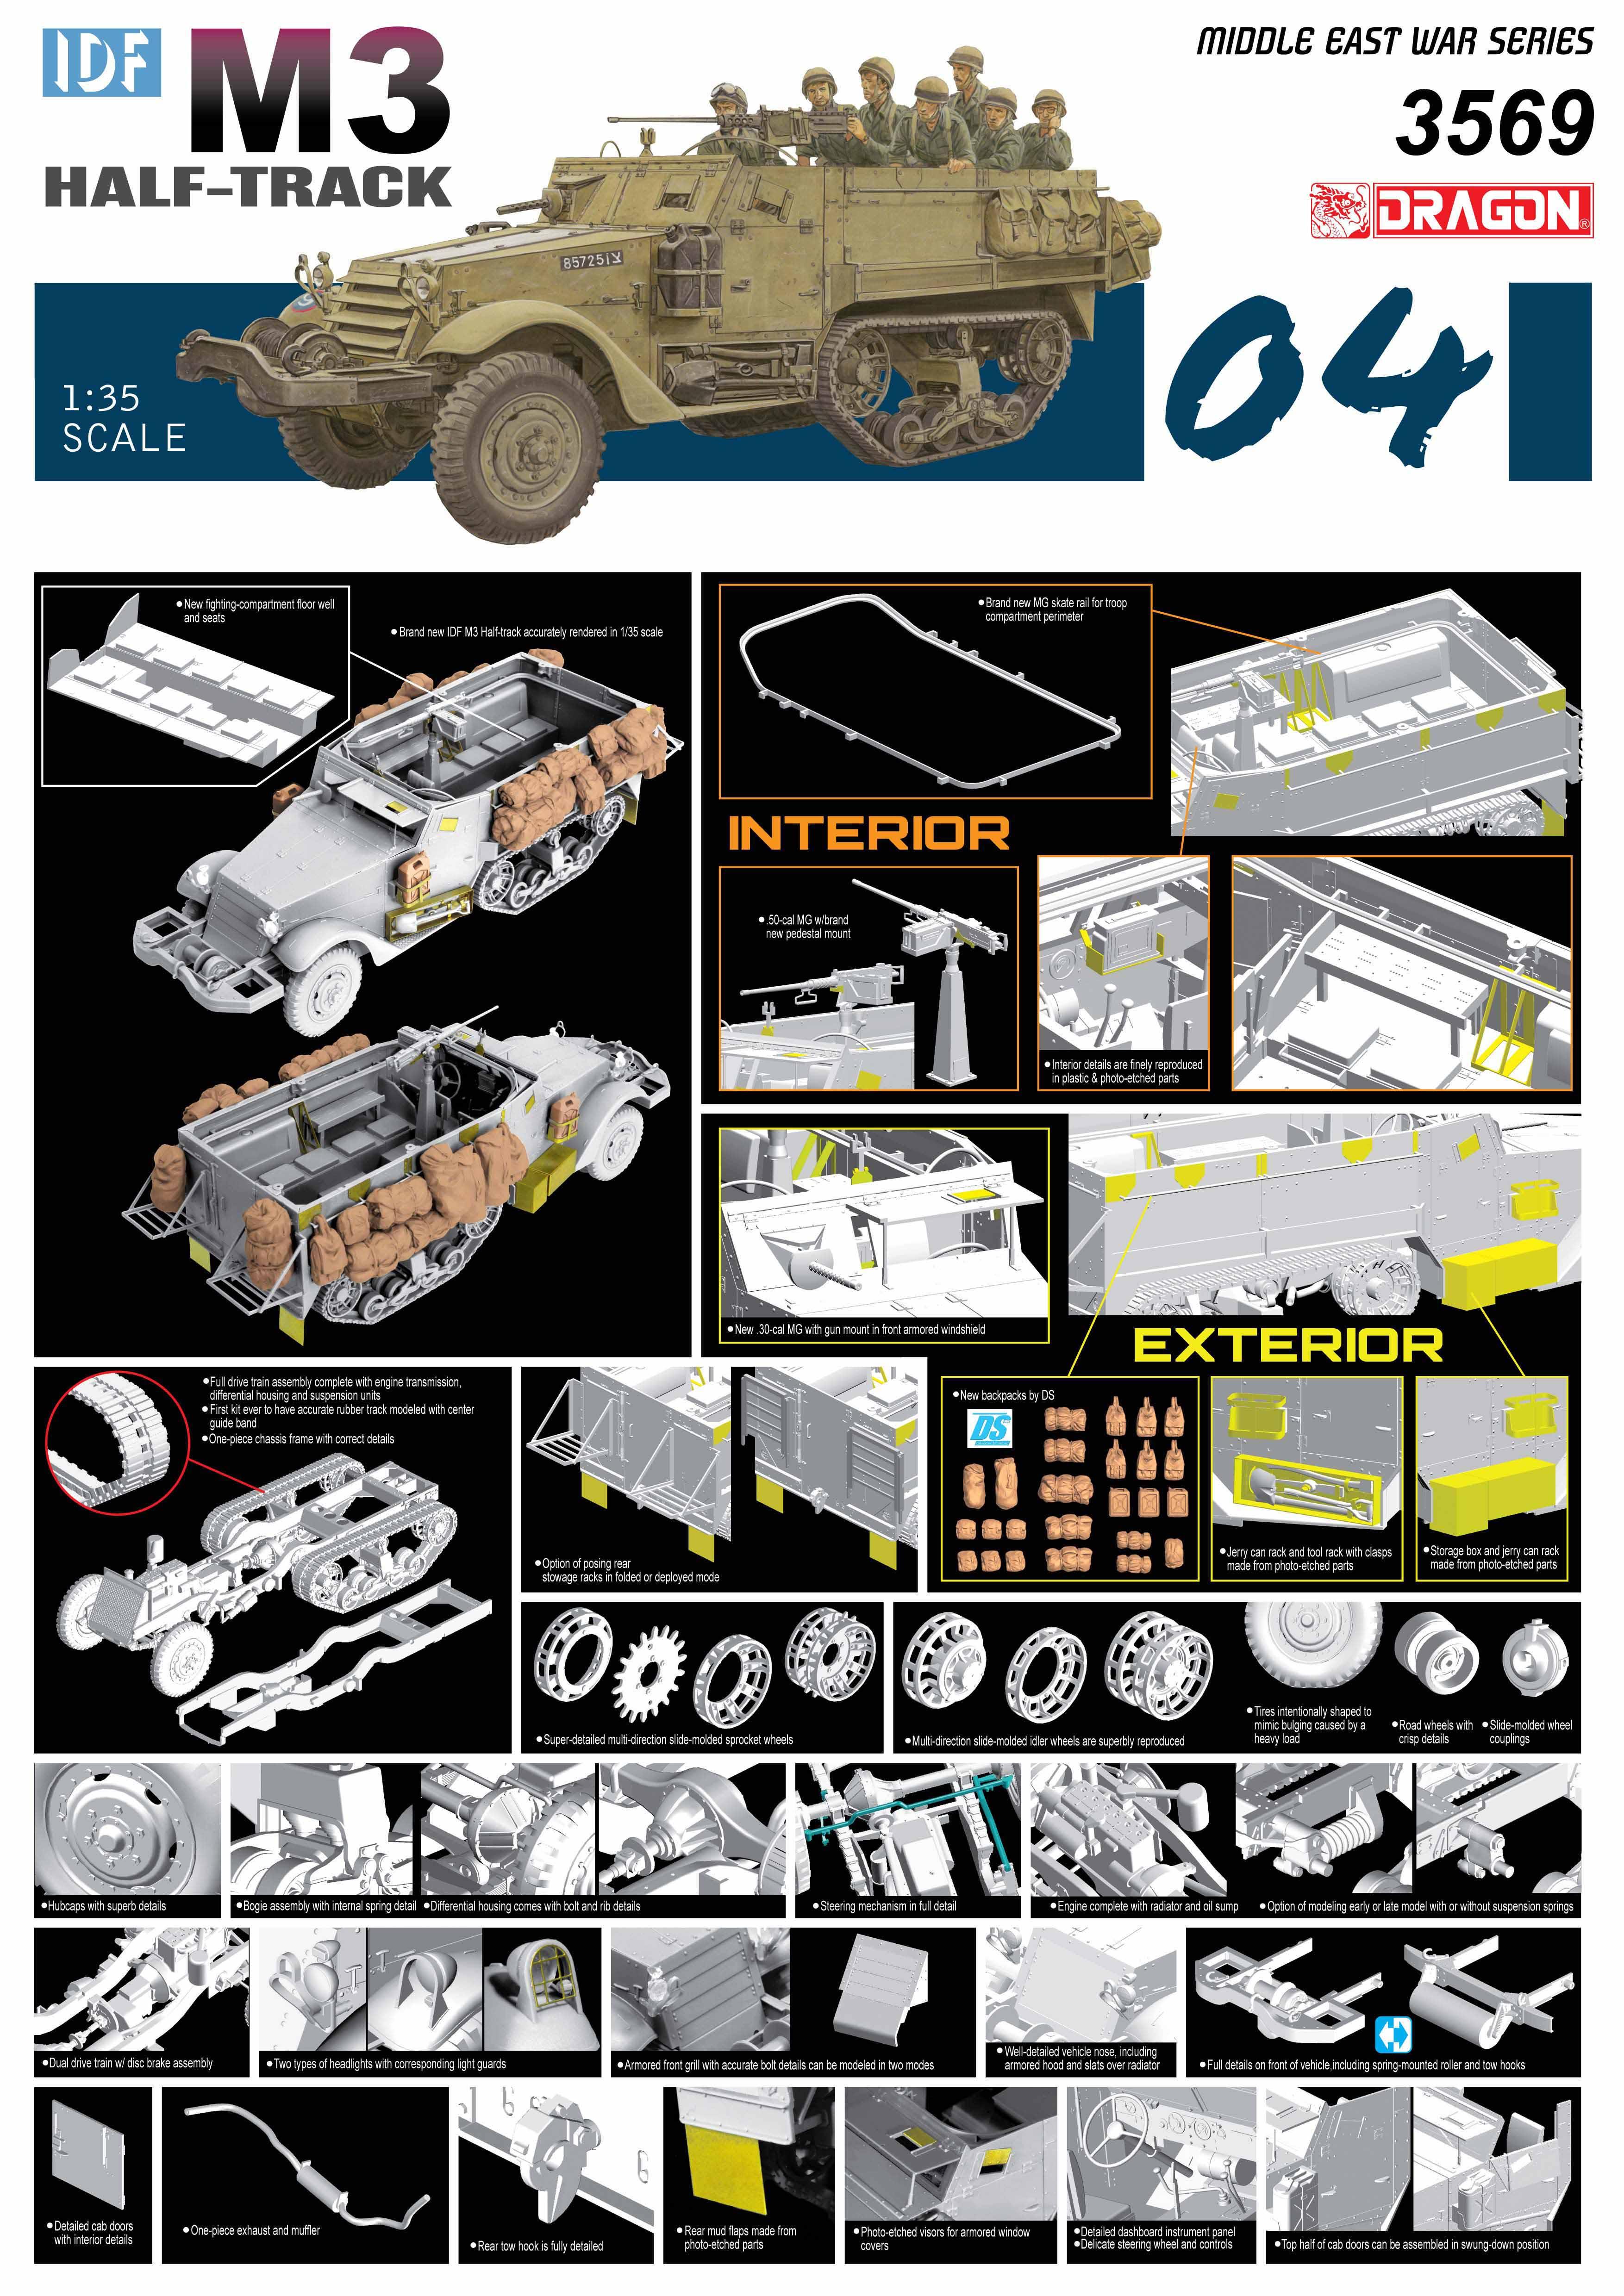 Nouveautés DRAGON / CYBER HOBBY - Page 8 C_DRA3569V3_00